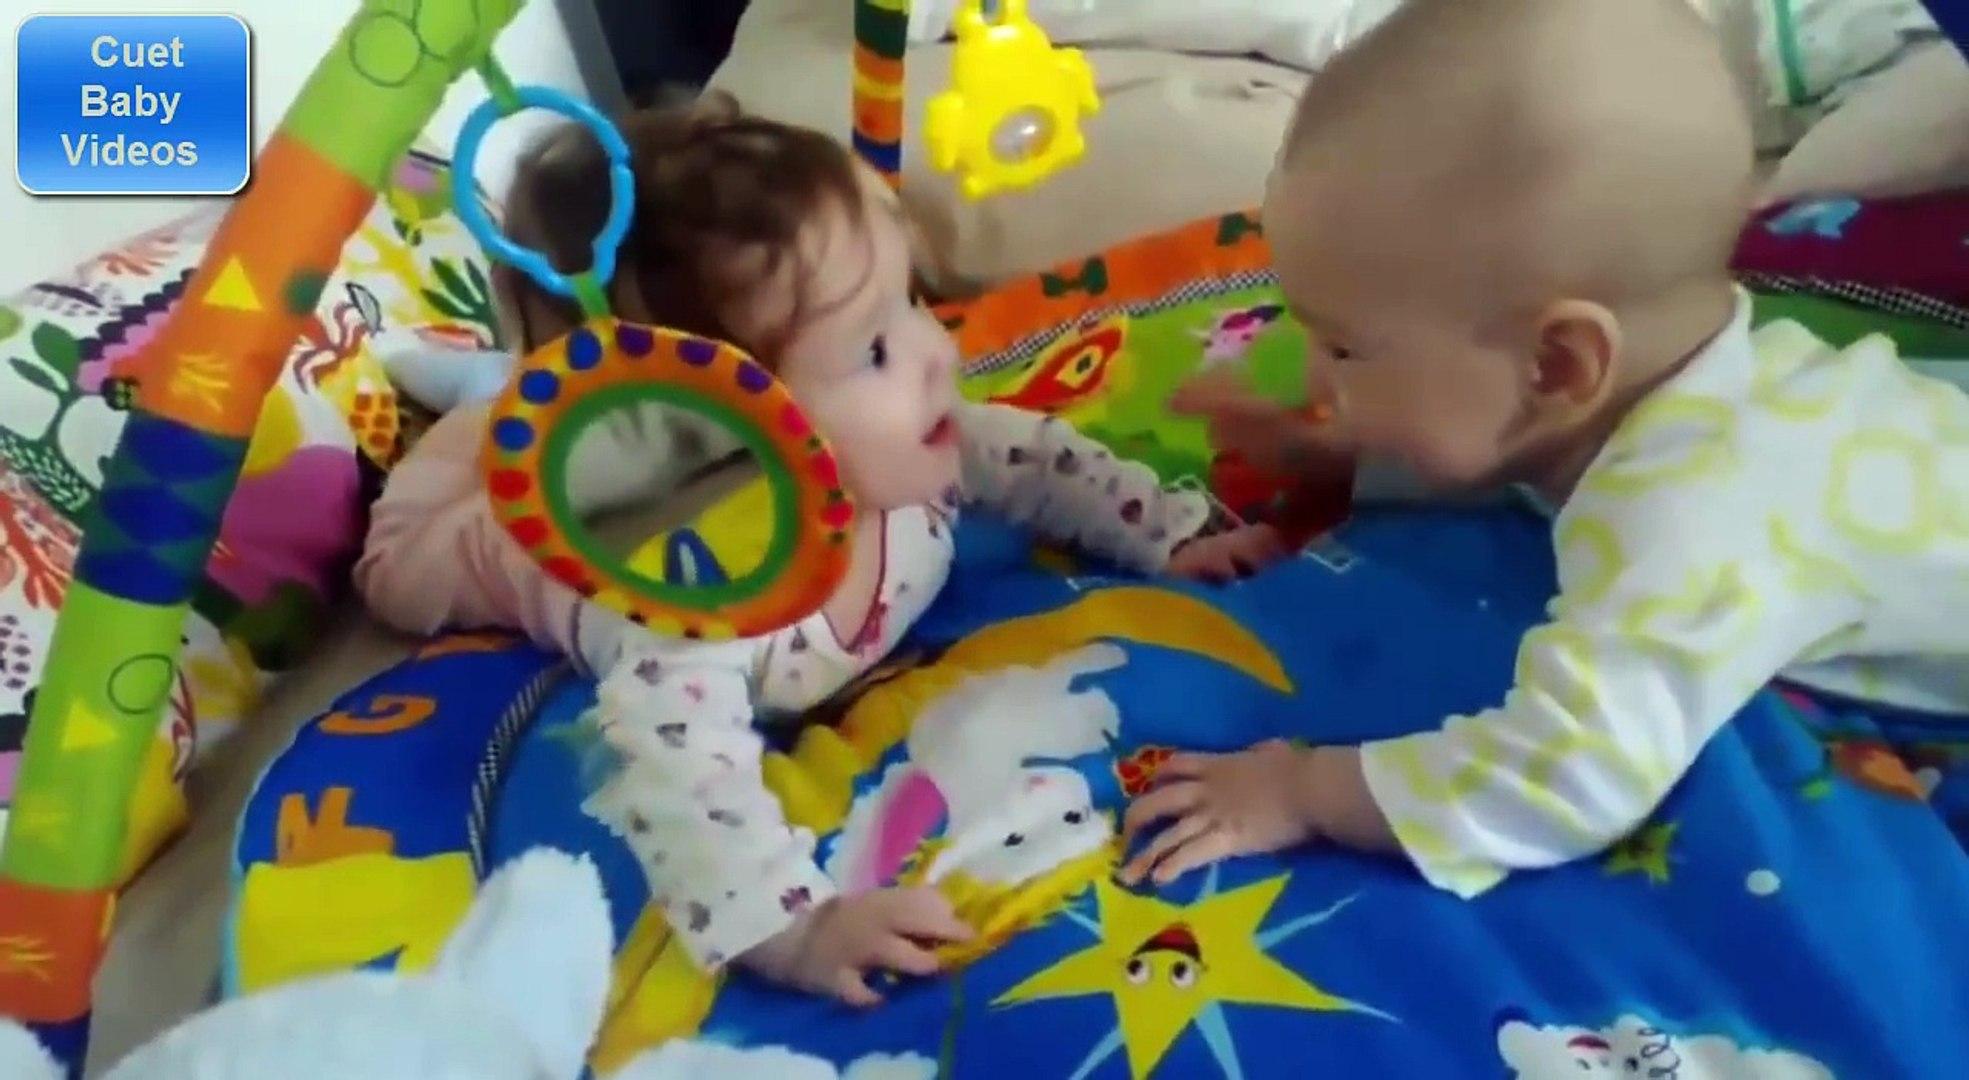 Cute Baby Videos Funny - Funny Baby Videos - Video Clip